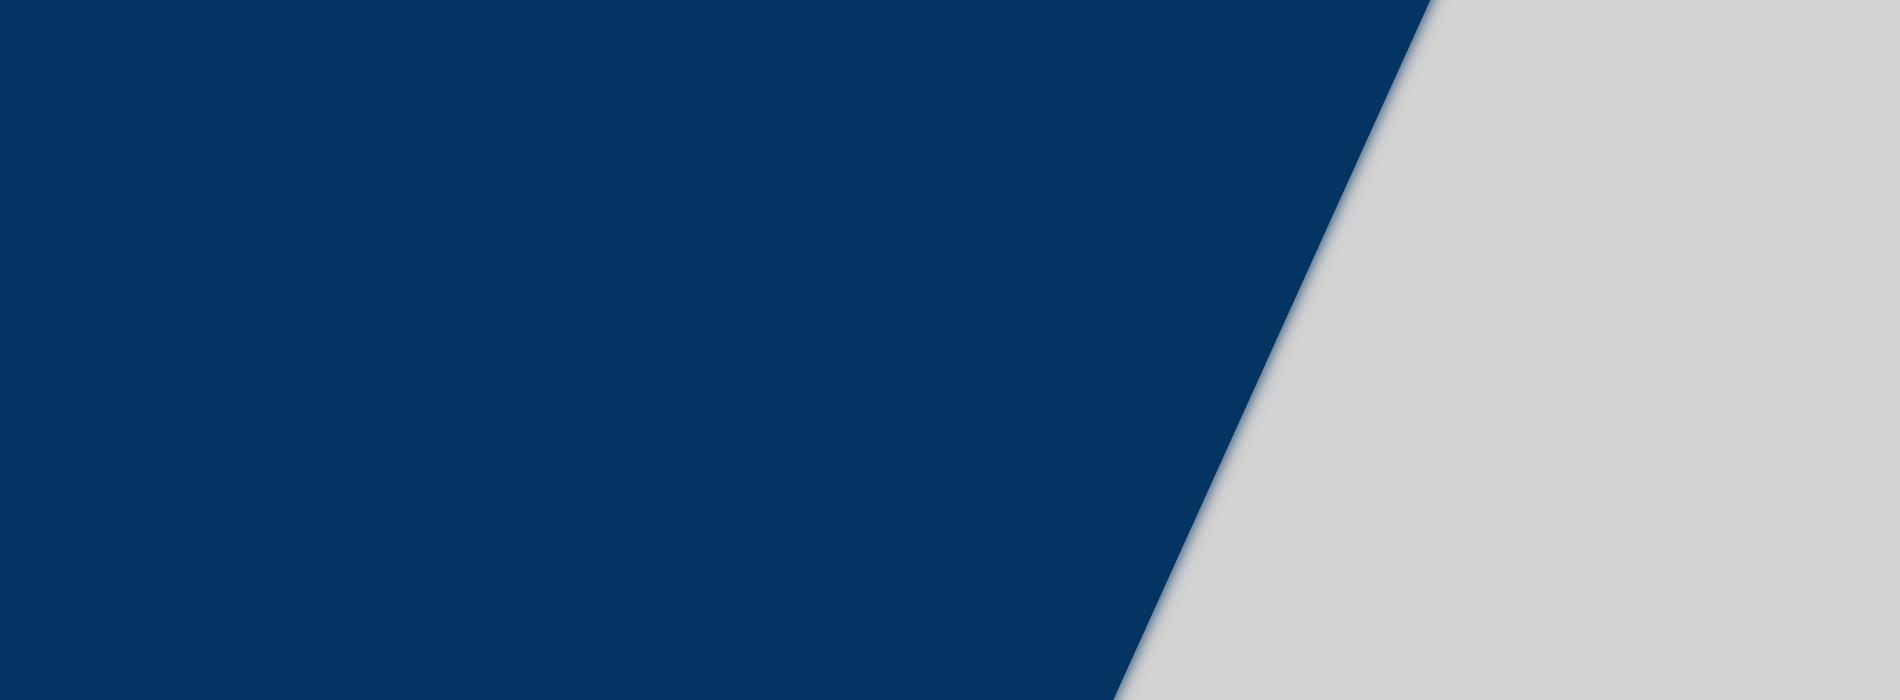 Amplijour - Bandeau bleu fond header